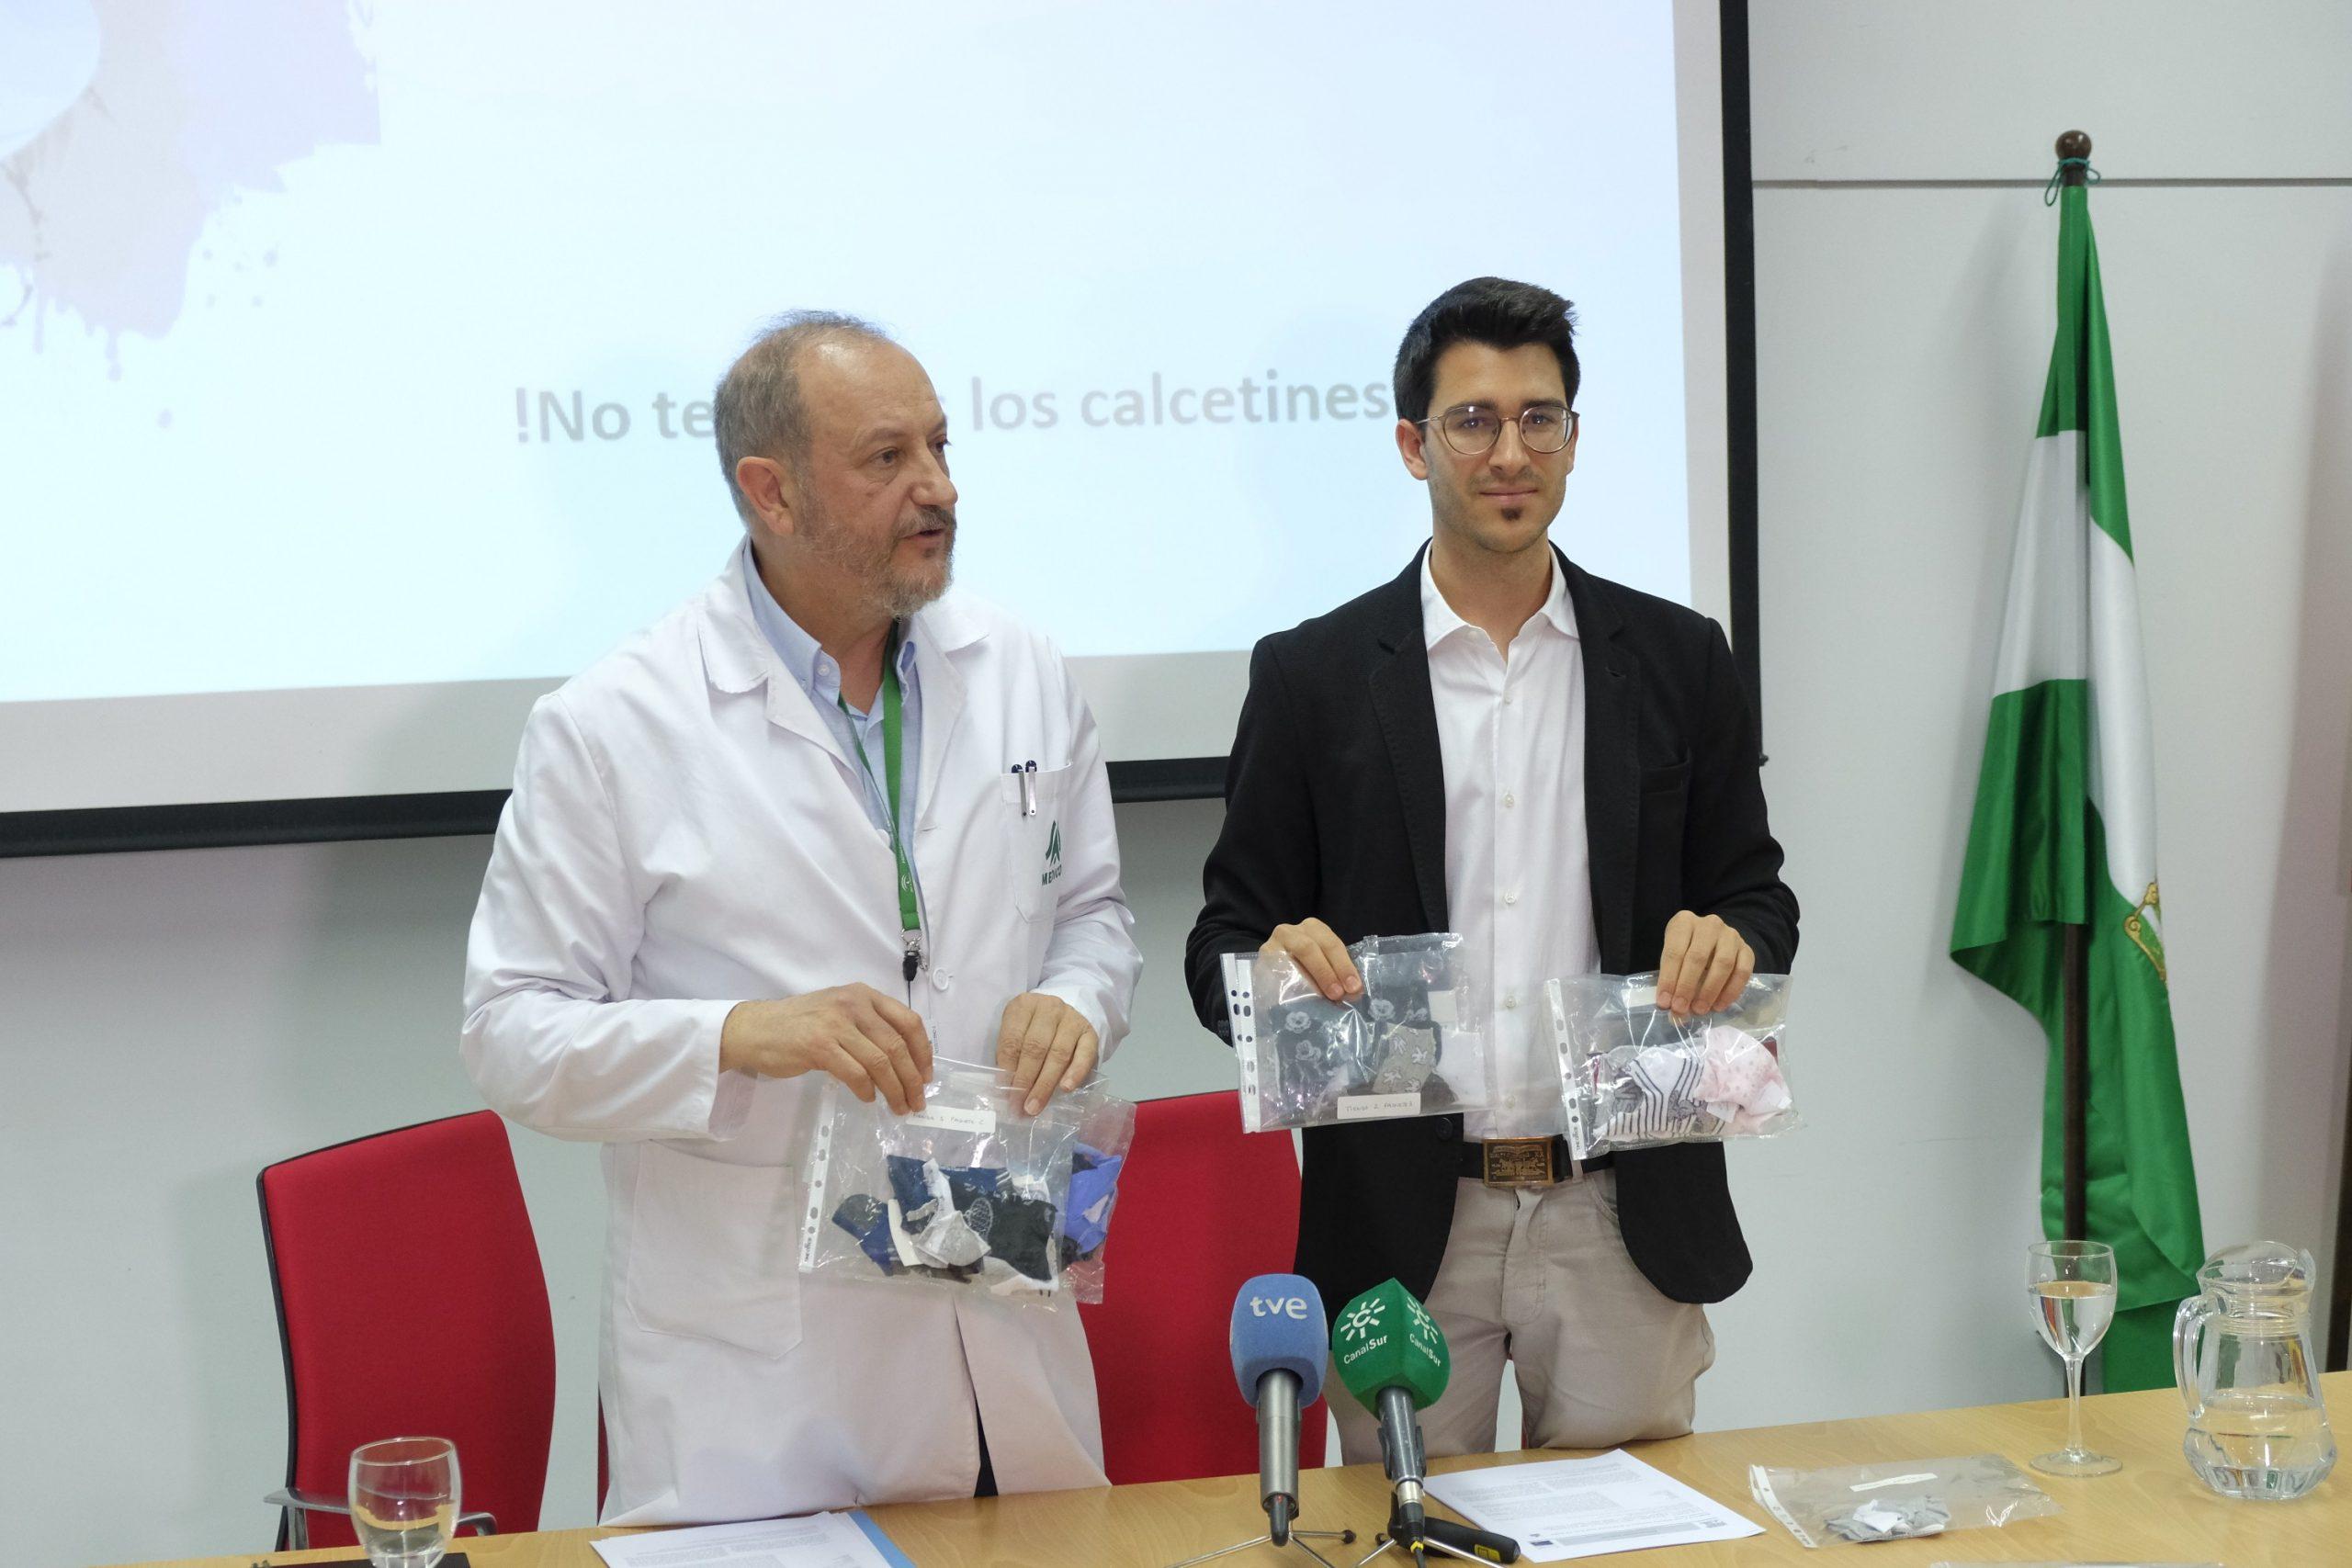 Investigadores del ibs.GRANADA premiados por un estudio que determina la presencia de metales pesados en la población andaluza